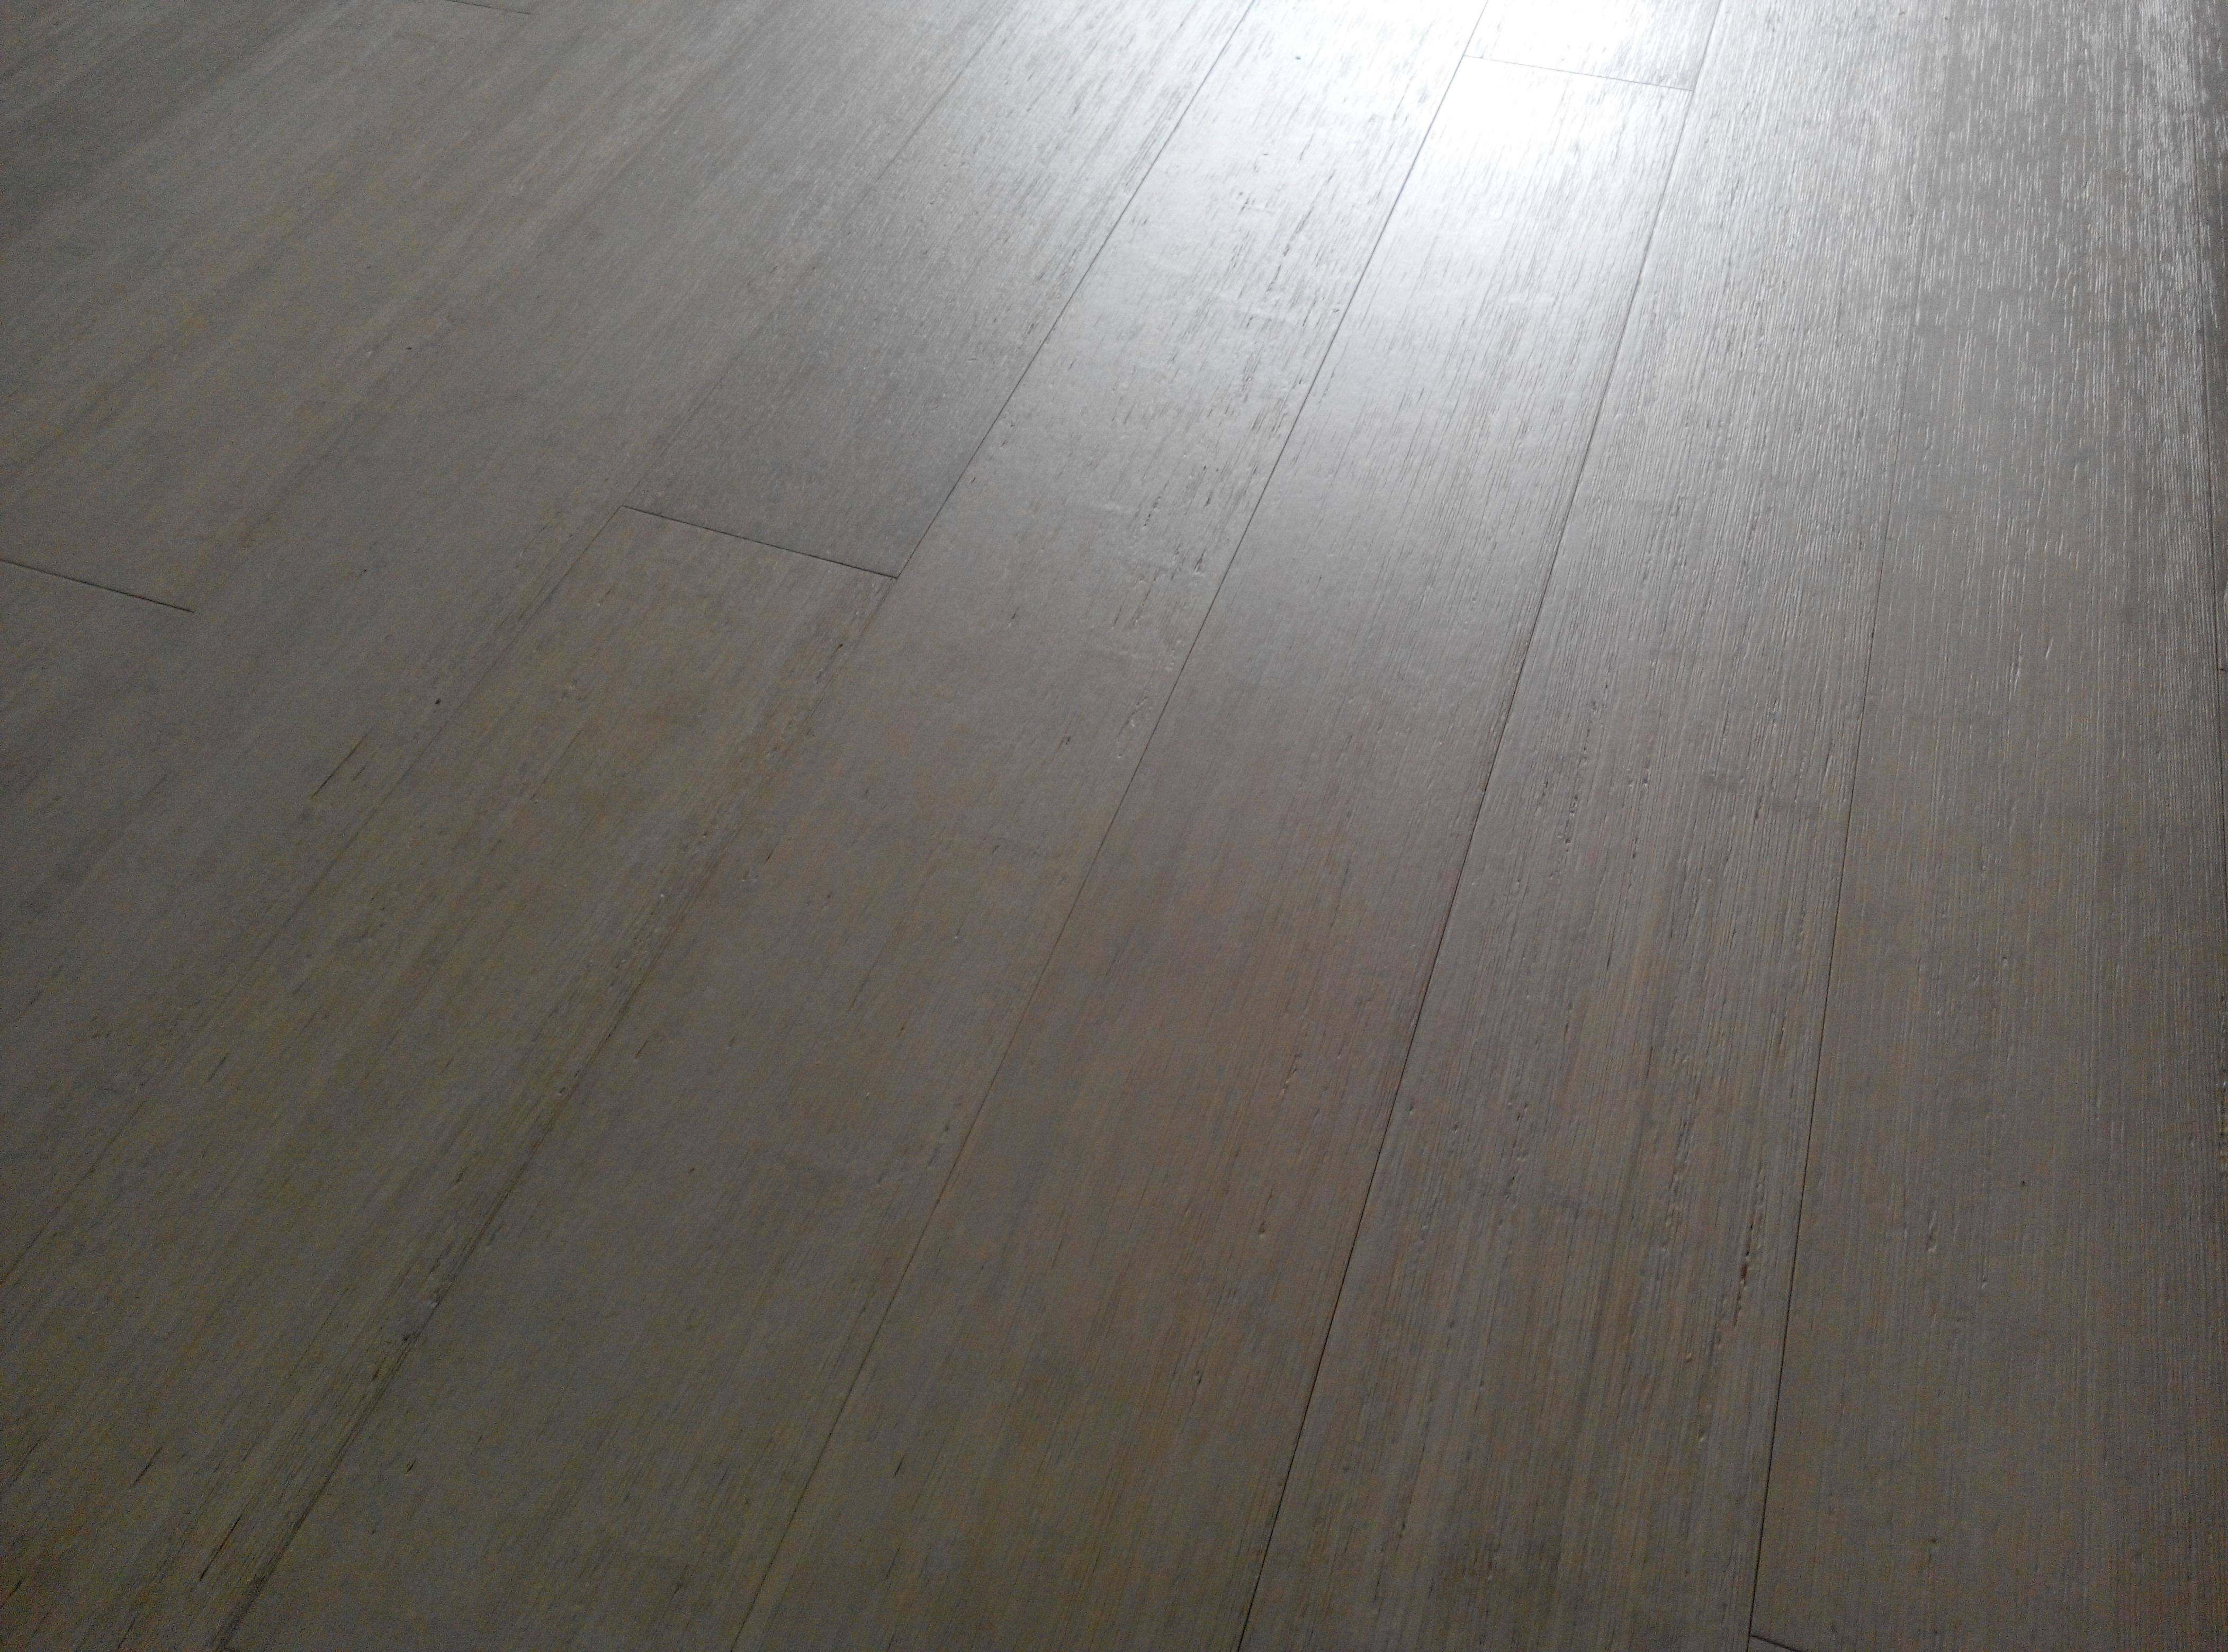 022 Bamboo sbiancato - privato